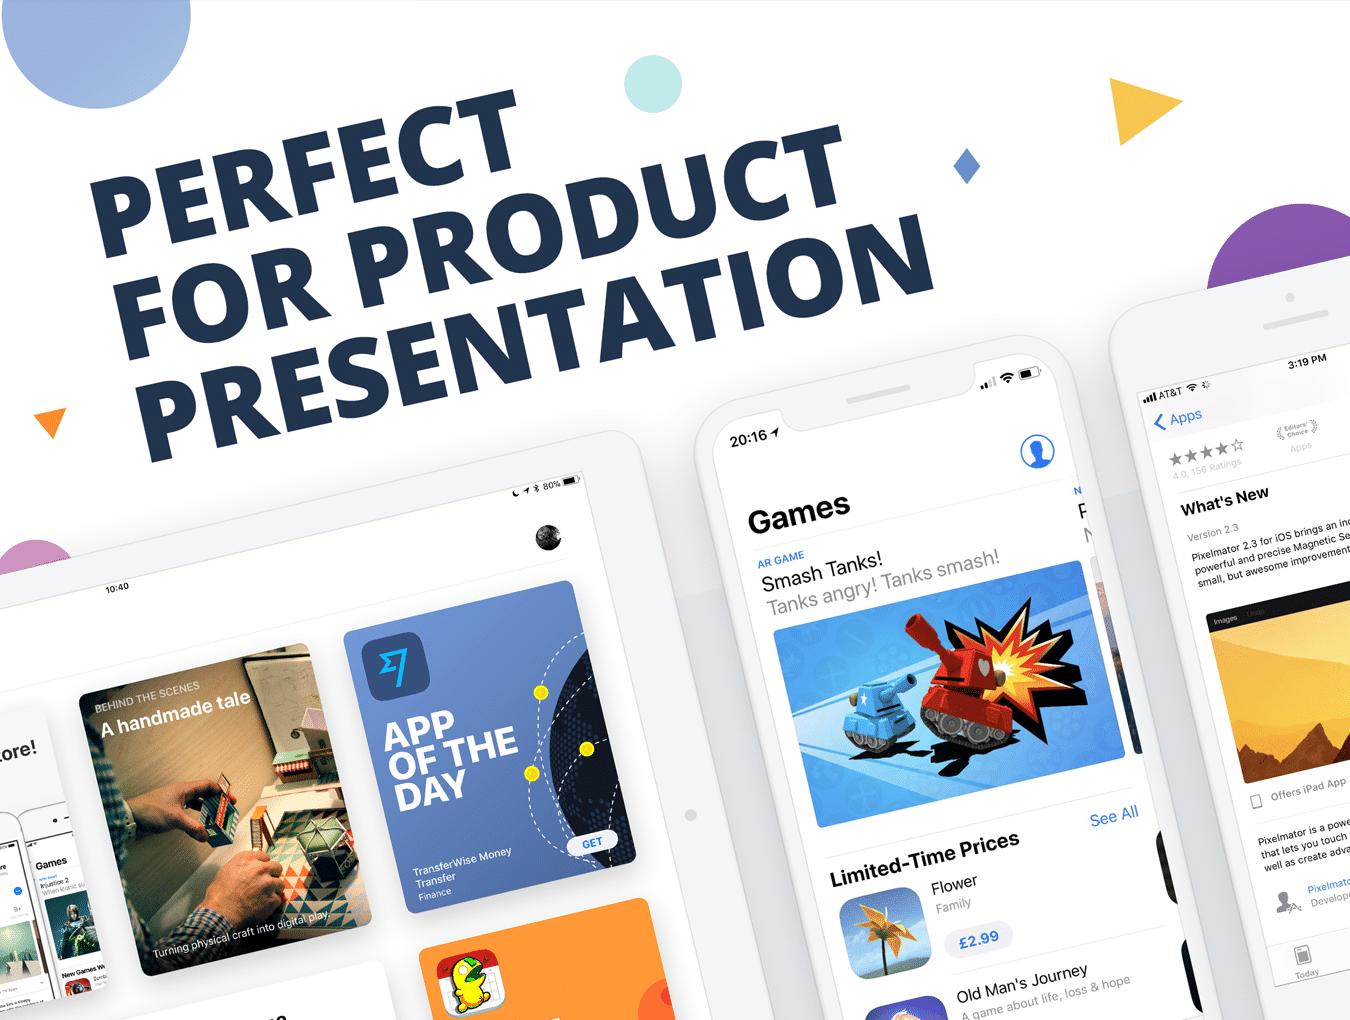 设计师必备的完美的UI设计作品展示模板套装[PSD,for iPhone X,iPhone 8,iPad等]插图2